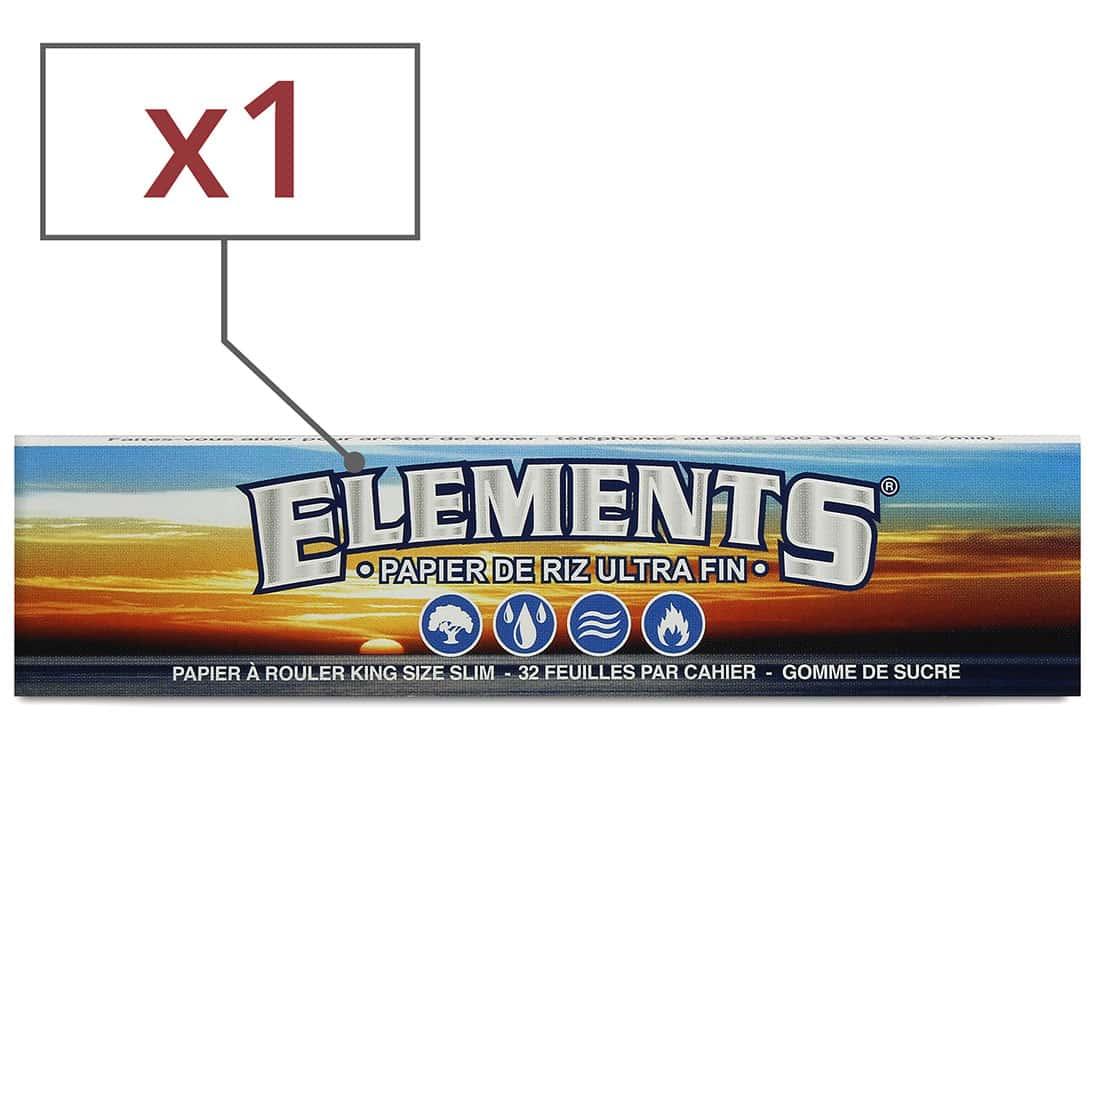 Photo de Papier à rouler Elements Slim x 1